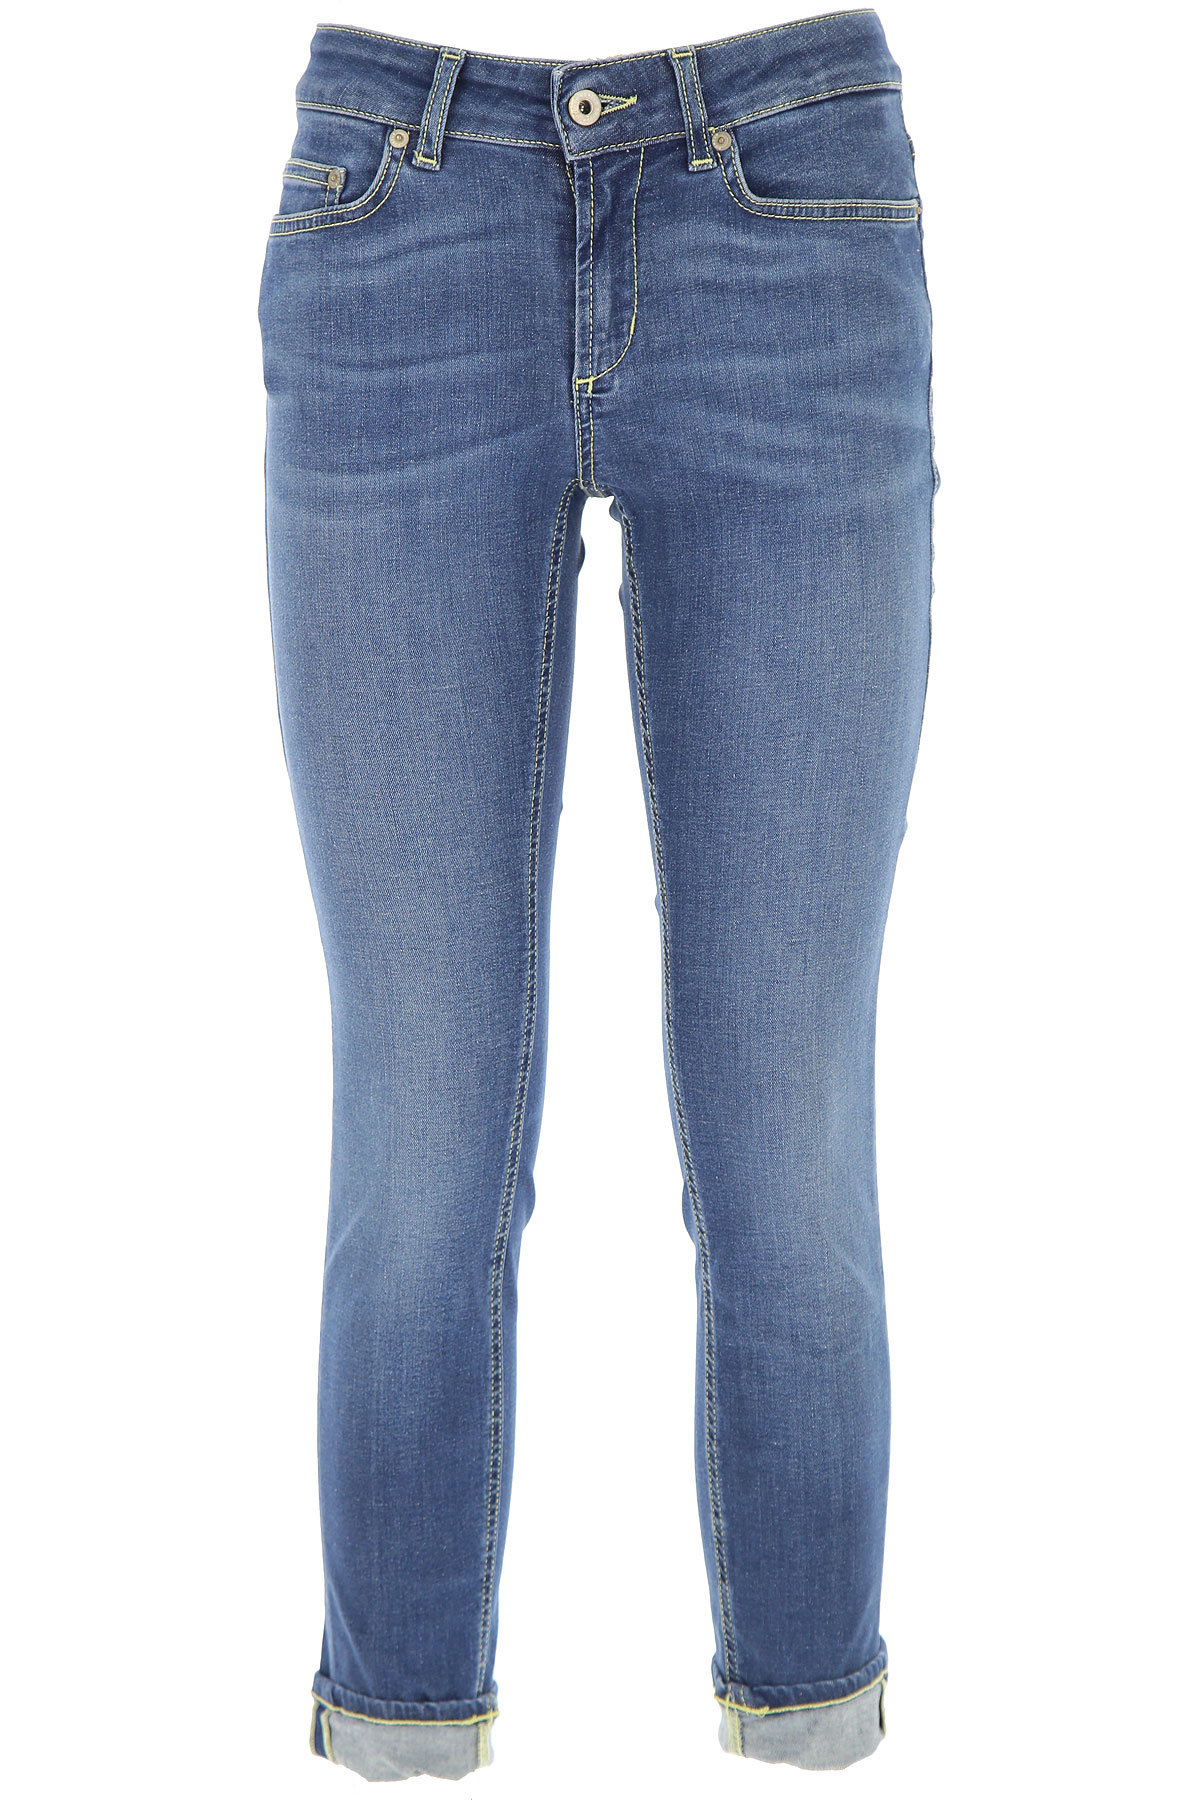 Dondup Jeans, Blue, Cotton, 2017, 26 28 30